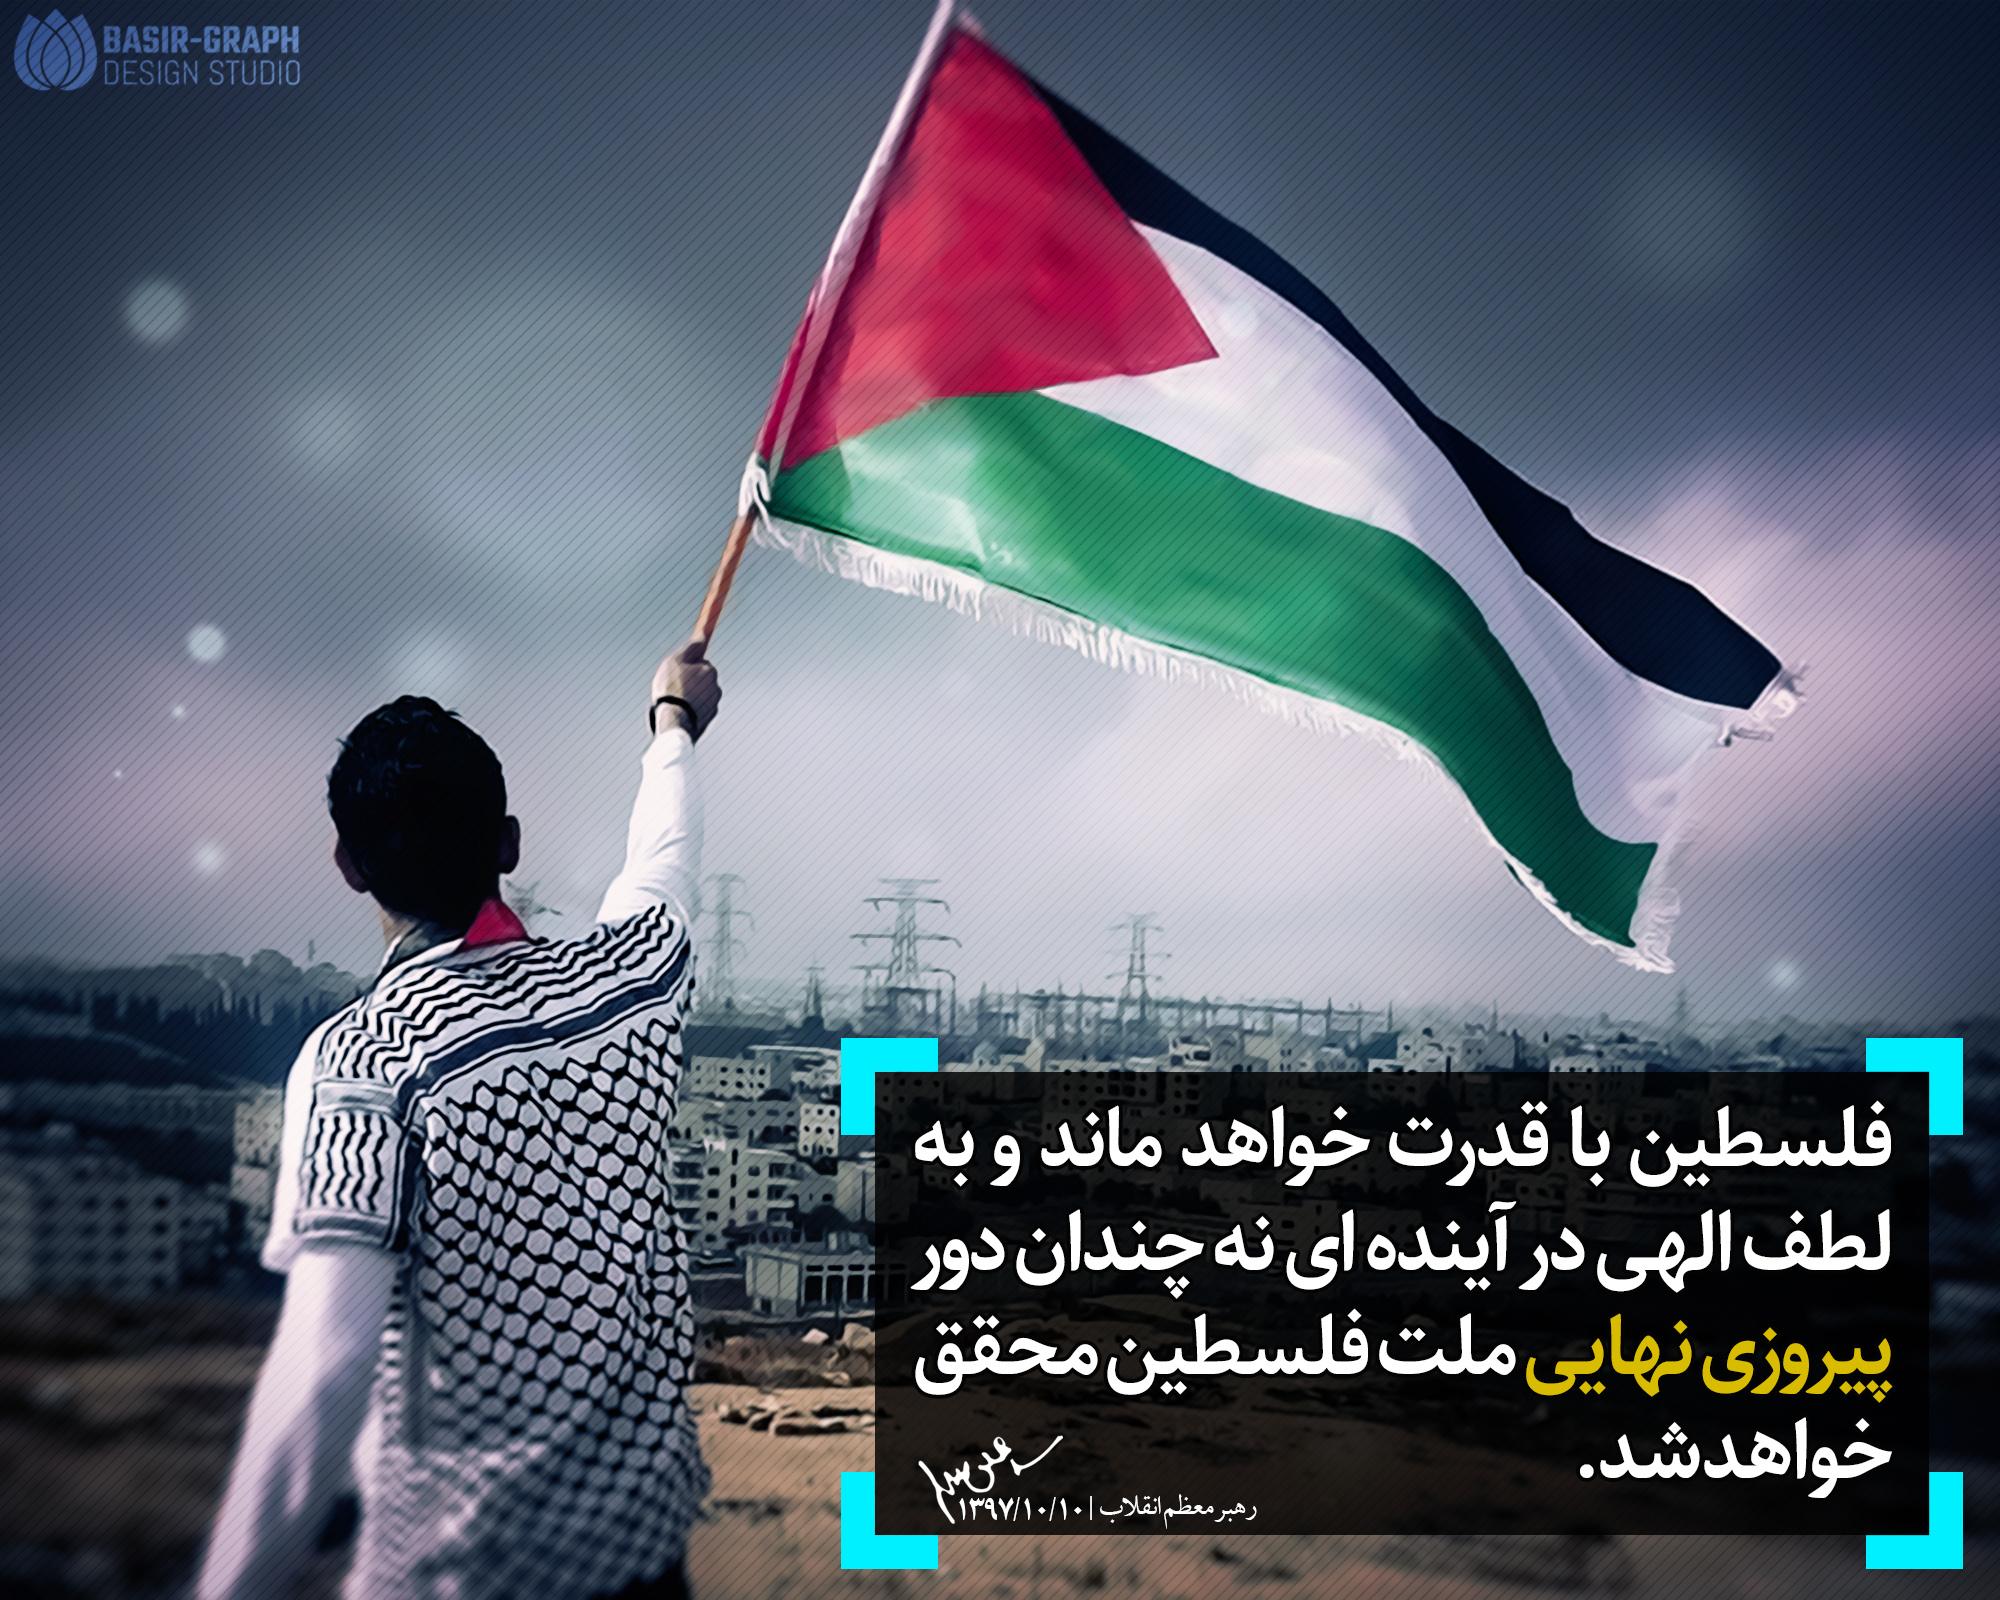 پیروزی نهایی ملت فلسطین